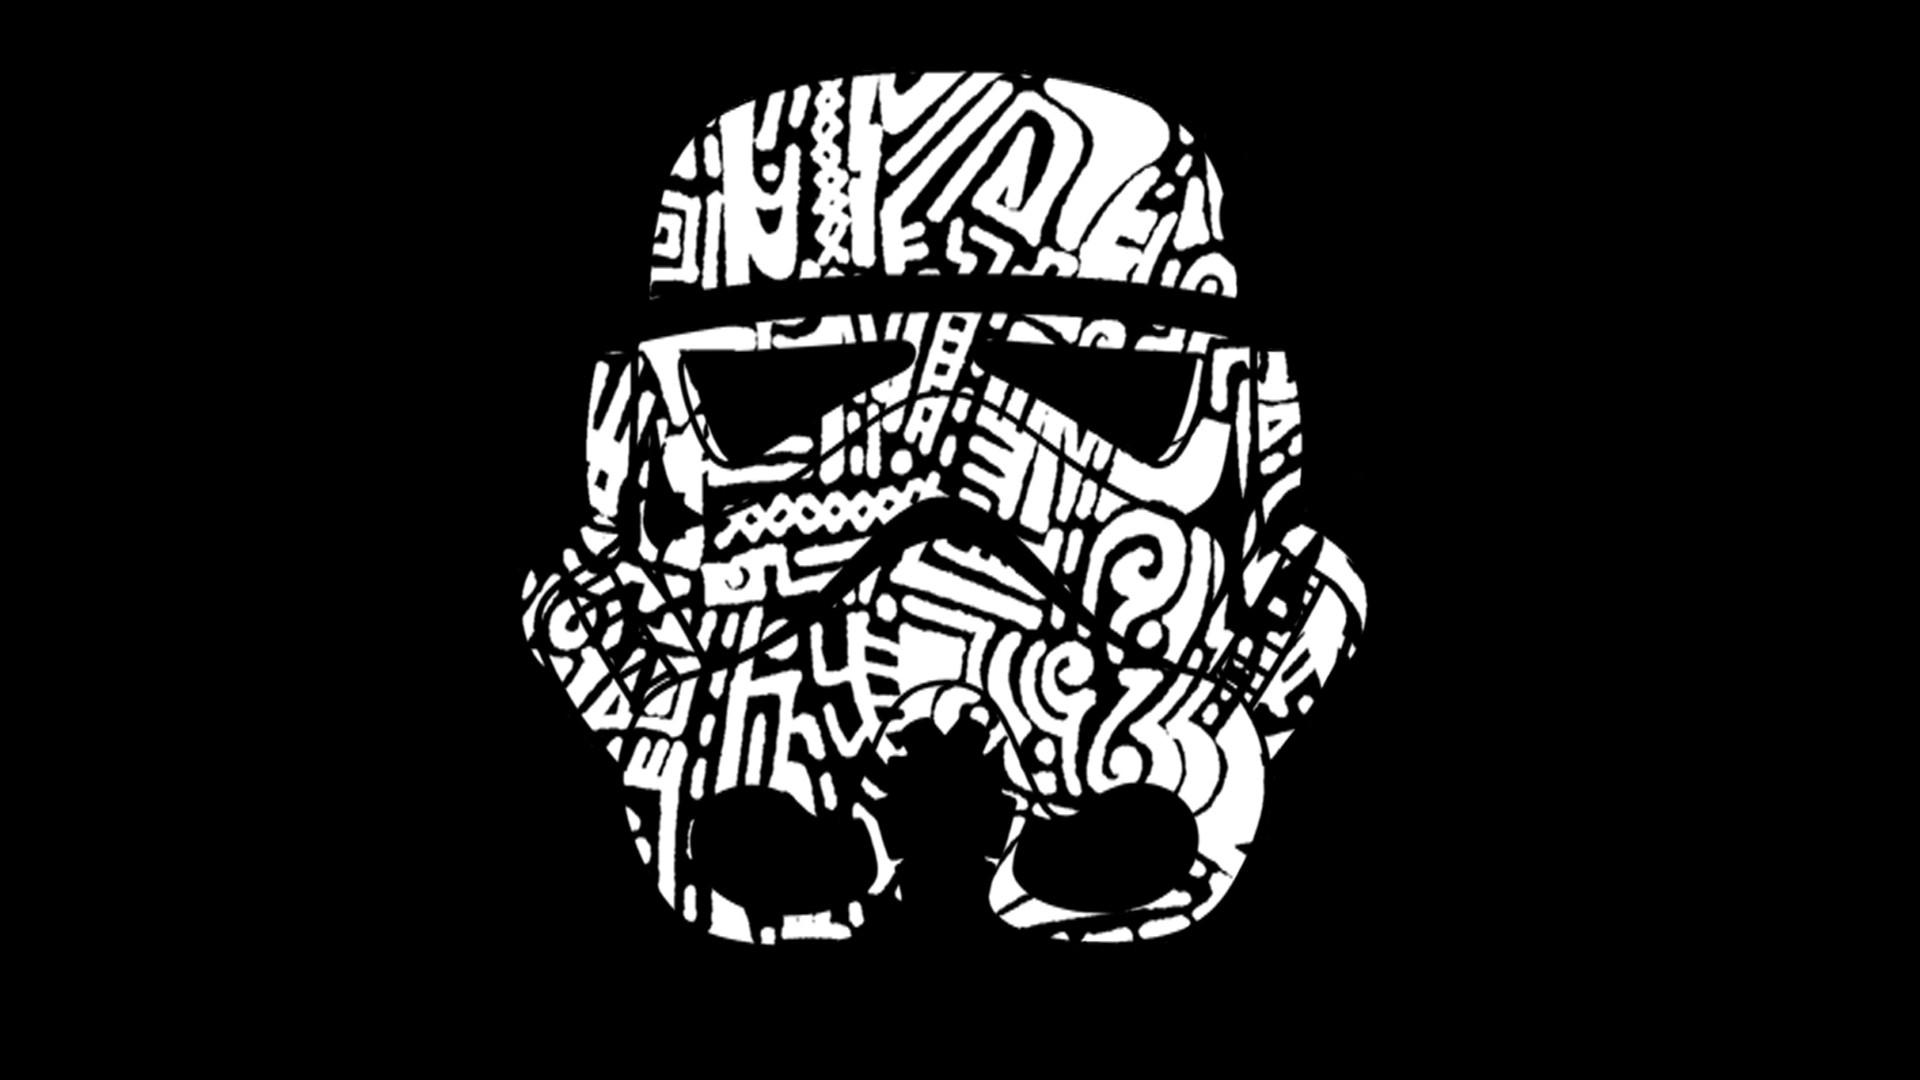 Star Wars fond ecran hd